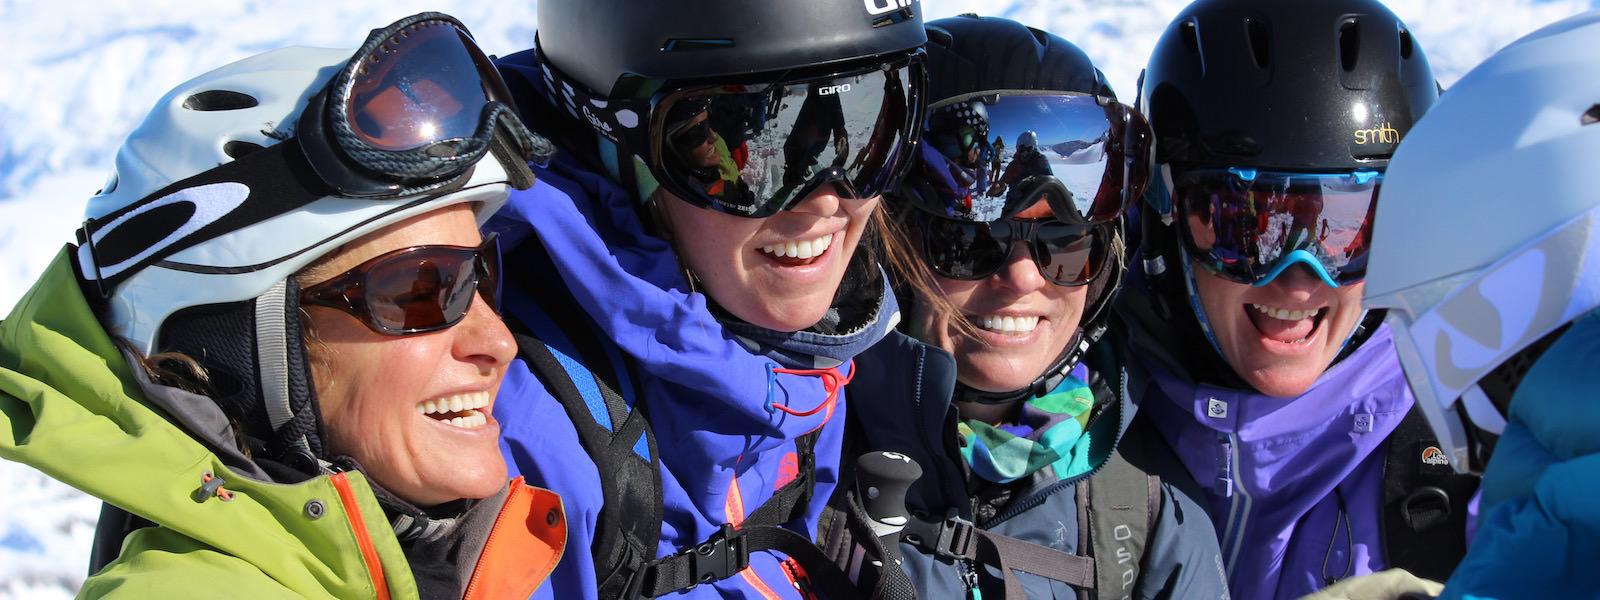 Women's Ski Camp in Chile